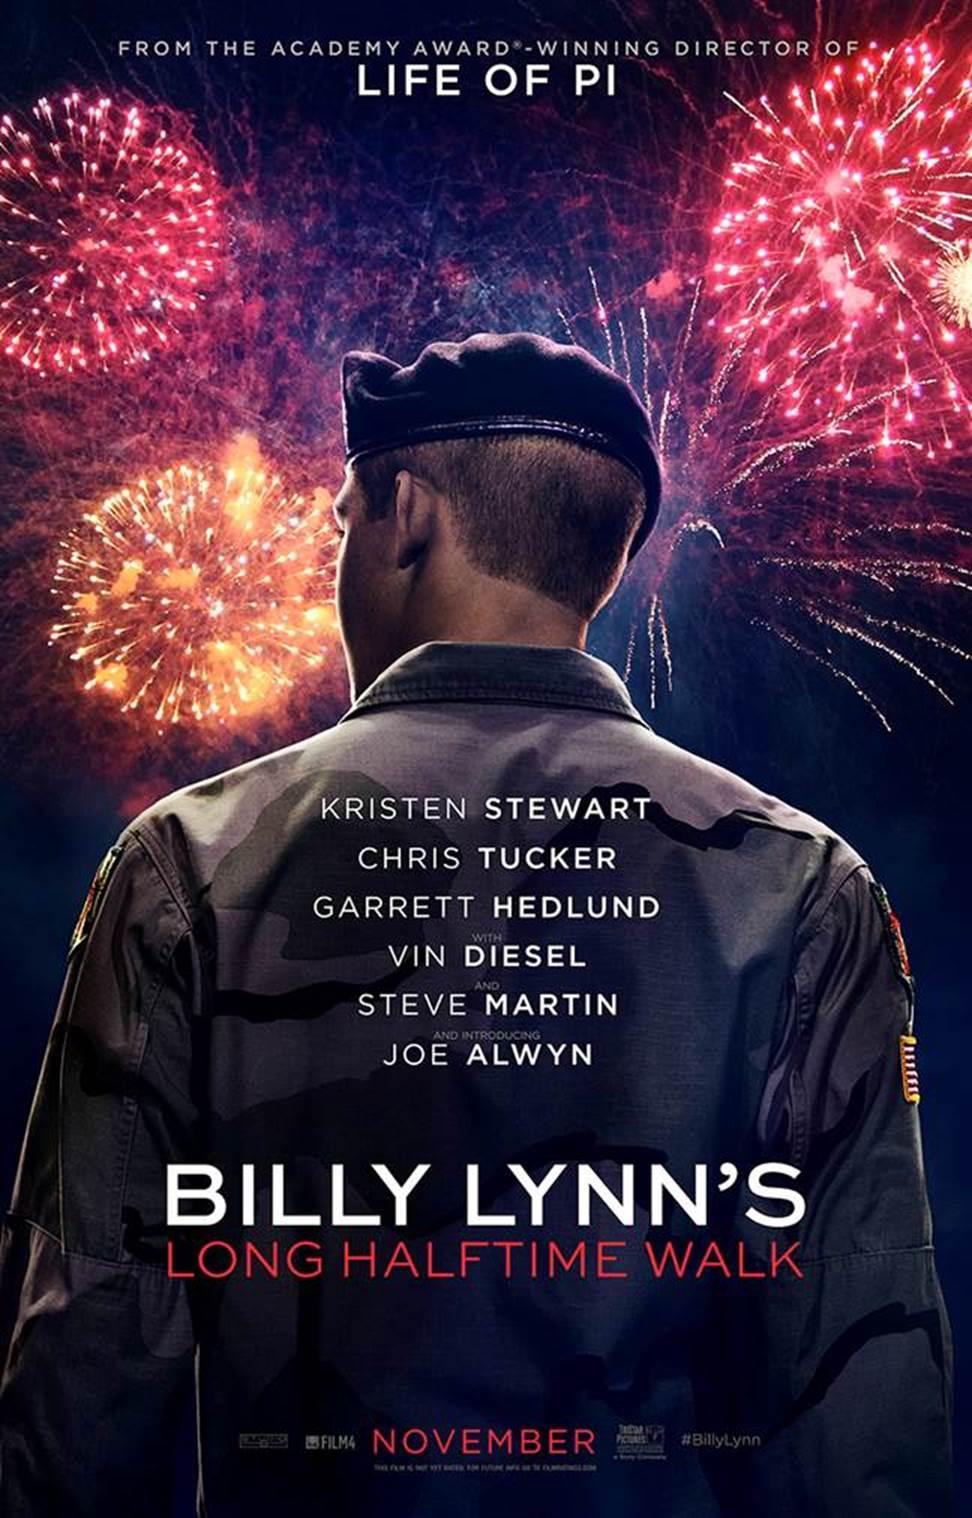 فیلم Billy Lynn's Long Halftime Walk 2016 دوبله فارسی